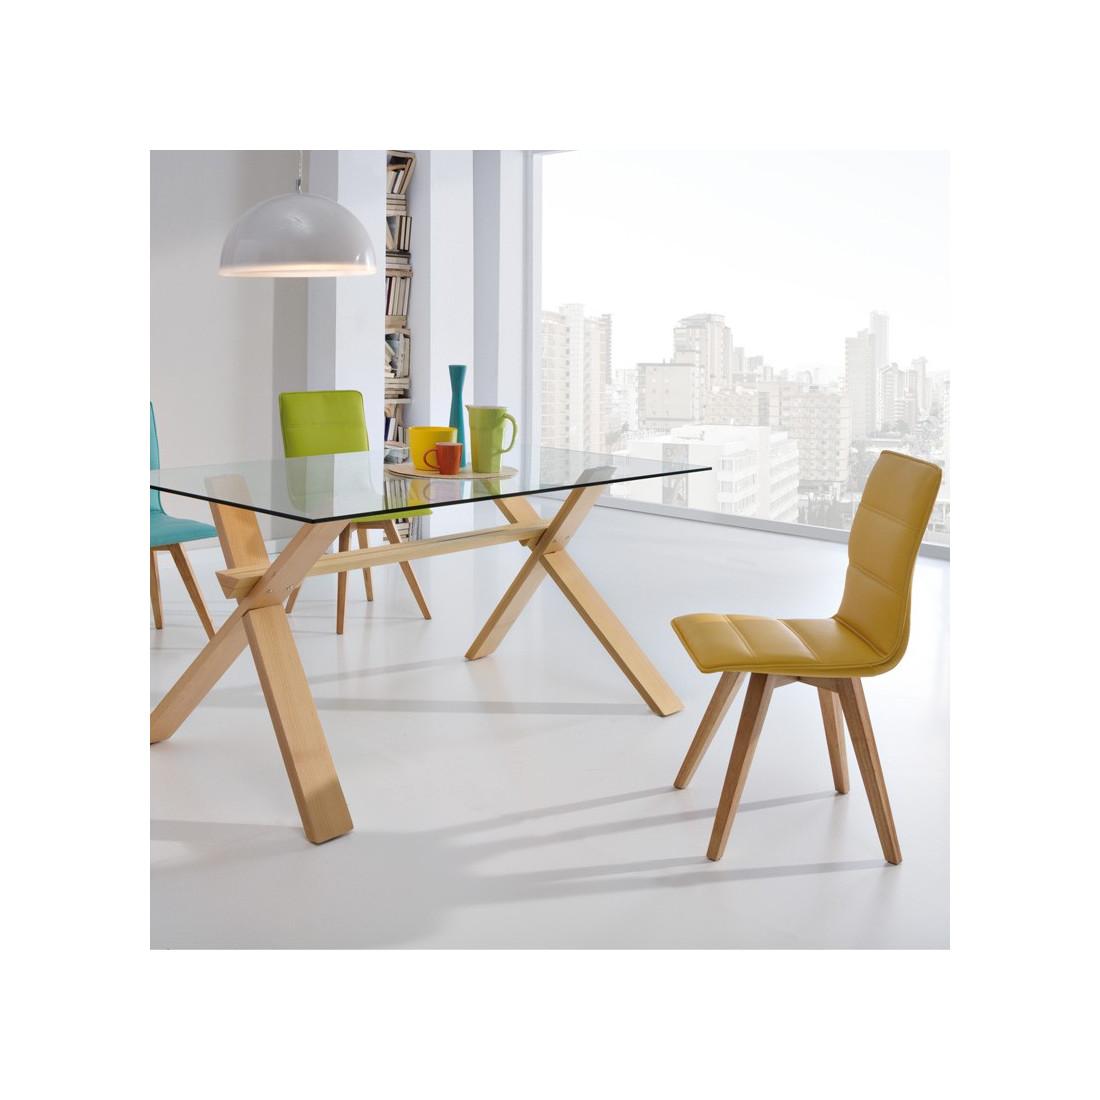 duo de chaises simili cuir jaune kano - Chaise Simili Cuir